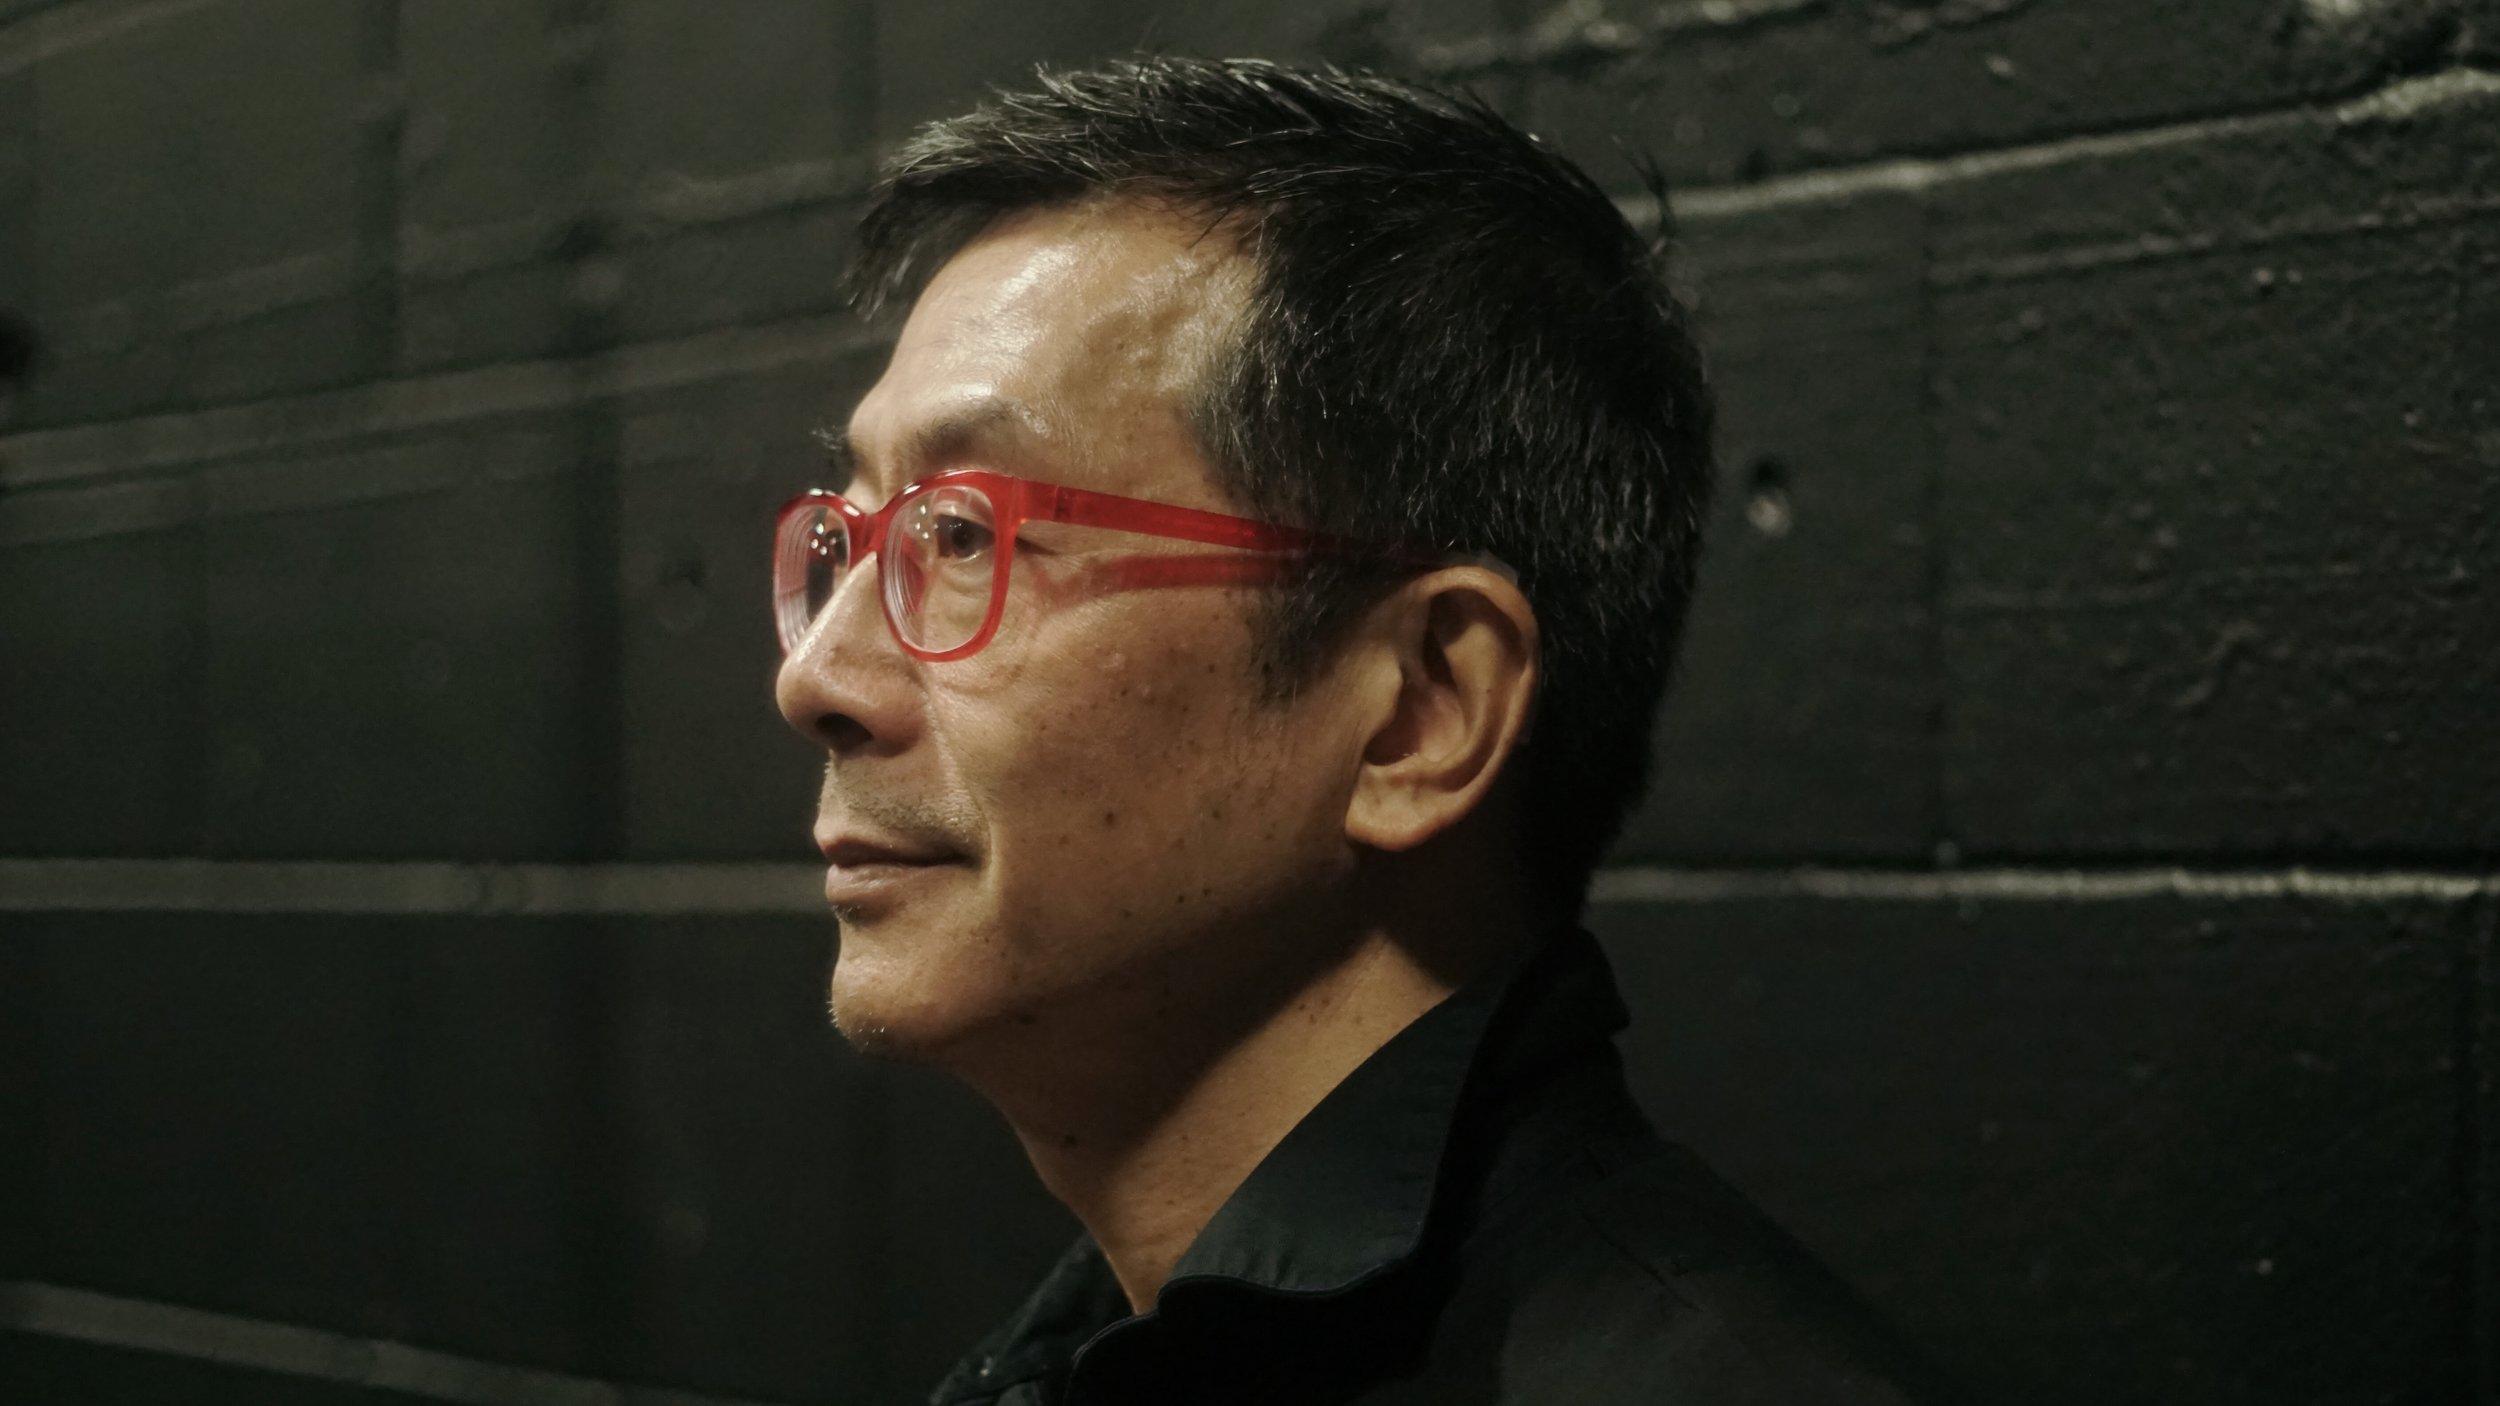 Composer / Director / Performer / Co-producer   NJO Kong Kie